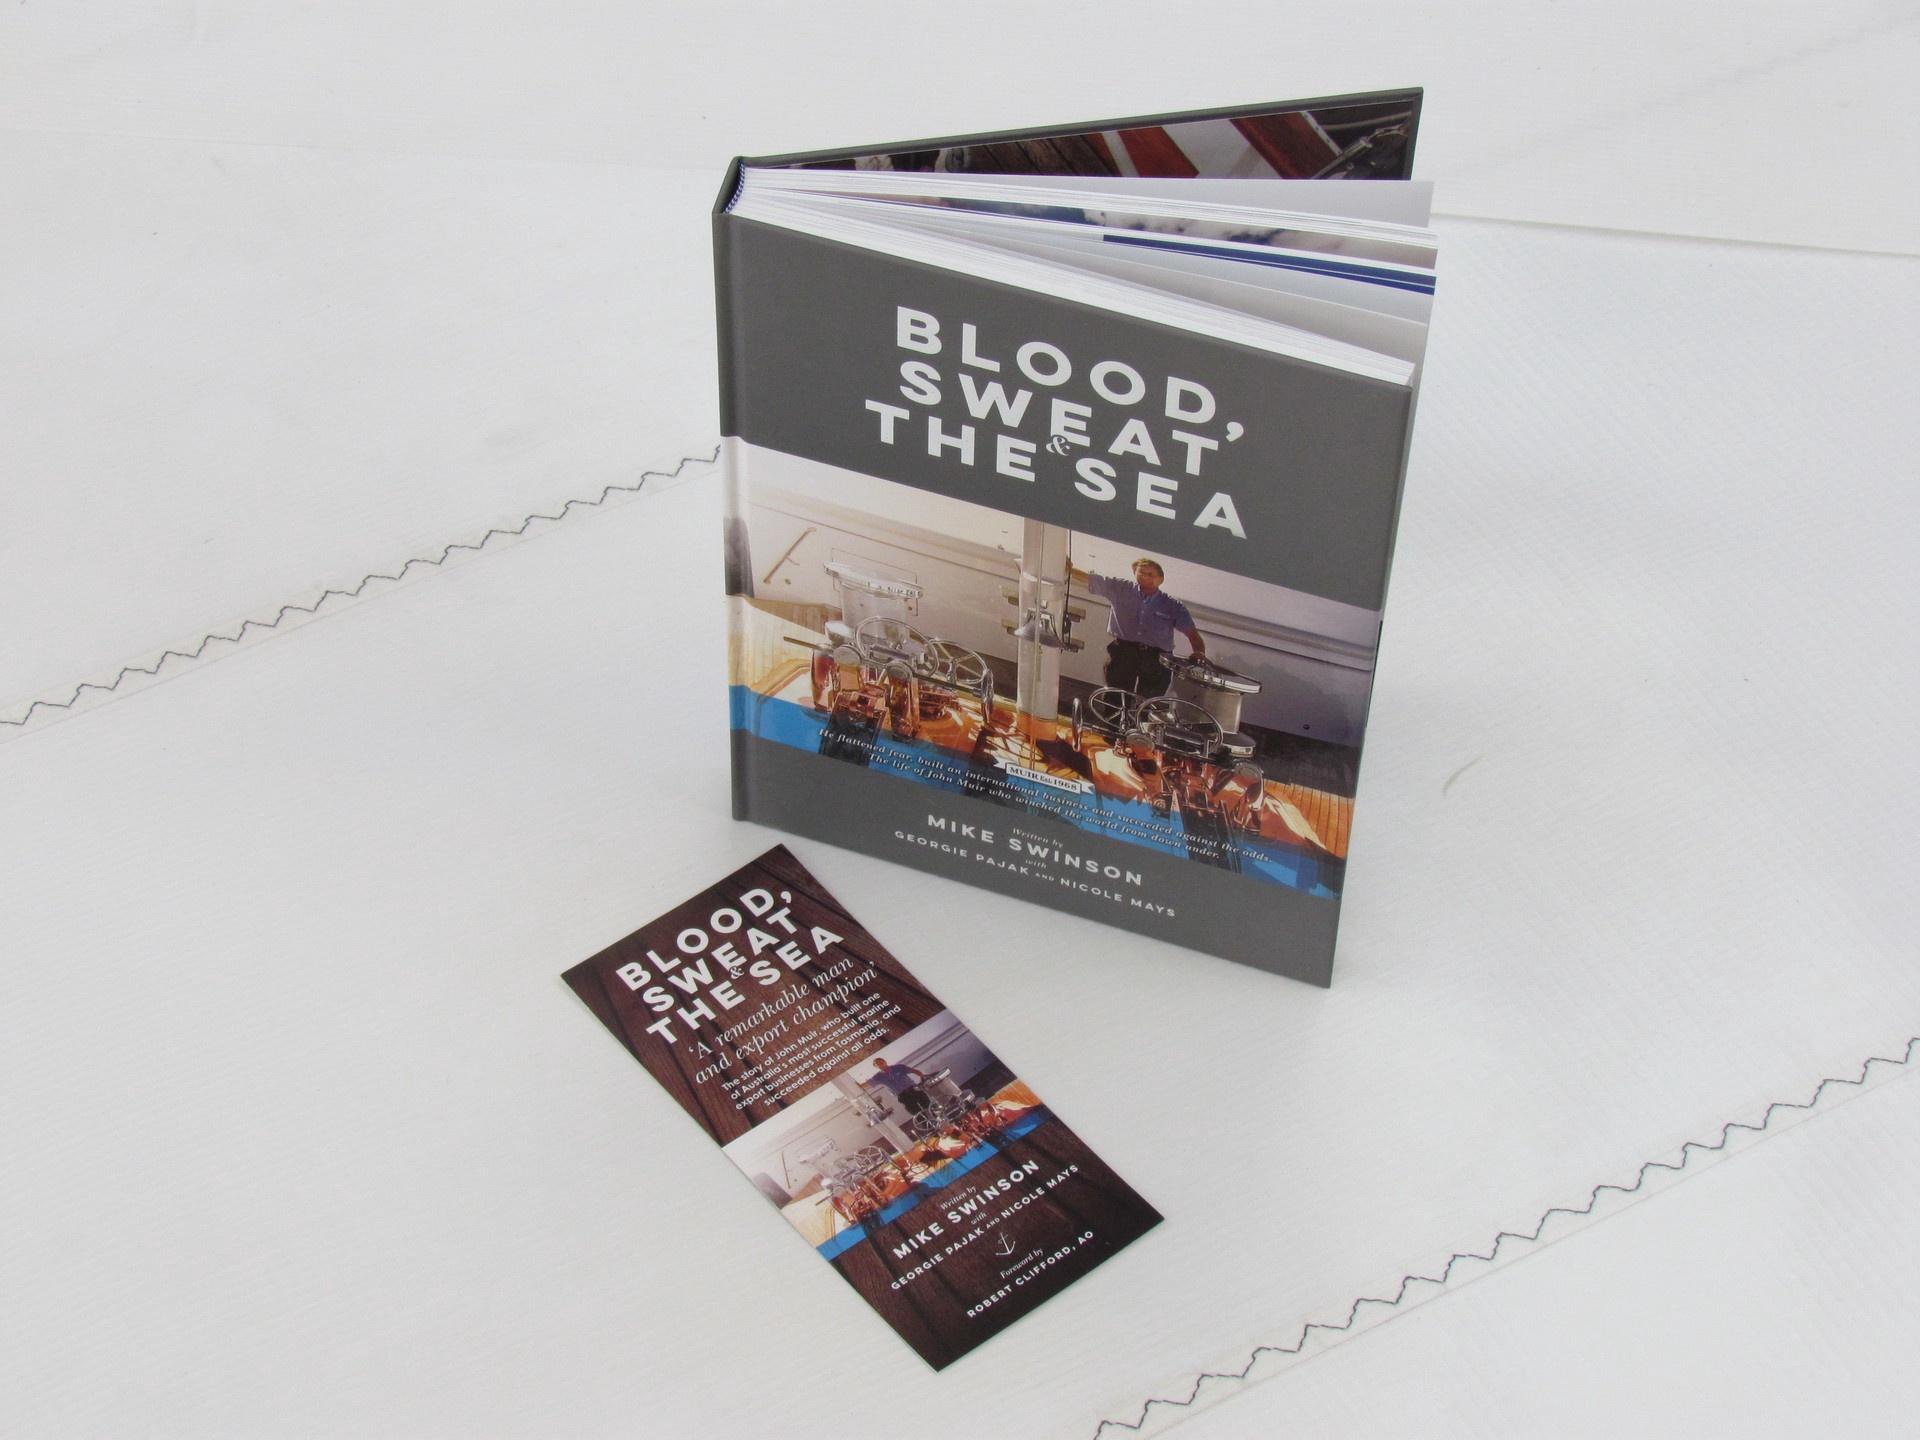 Blood Sweat & The Sea Book